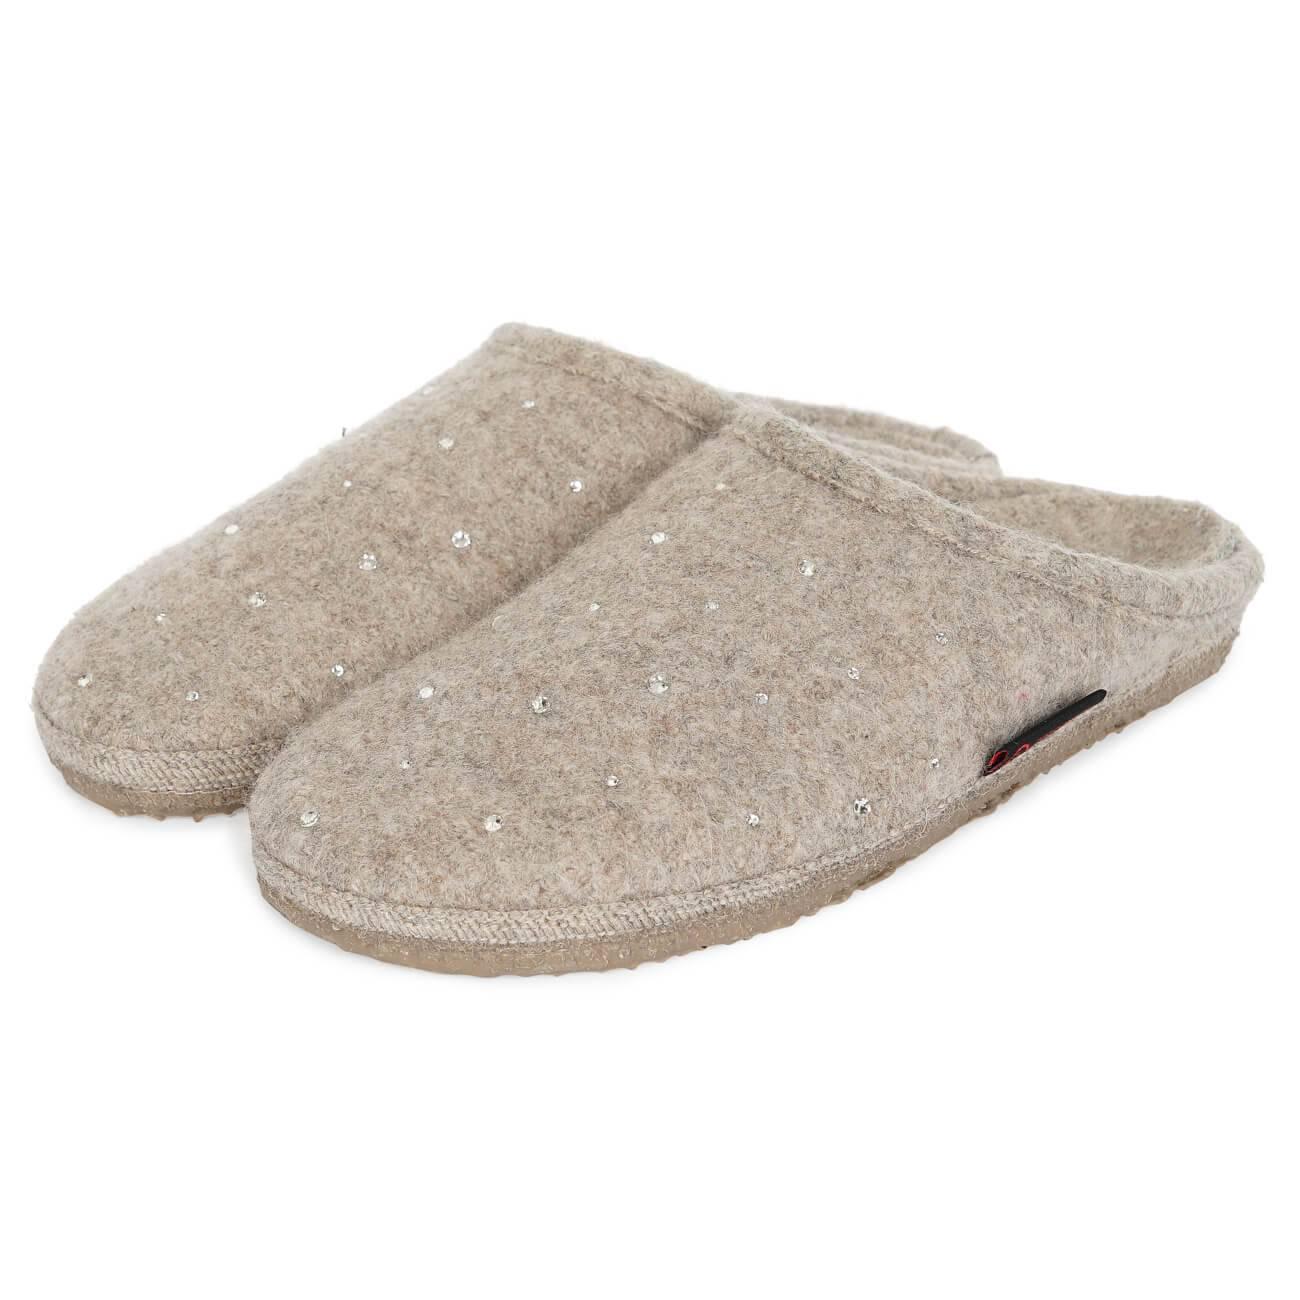 Giesswein Nagel hellbraun beige natur Schuhe Pantoffel Hausschuhe Damen